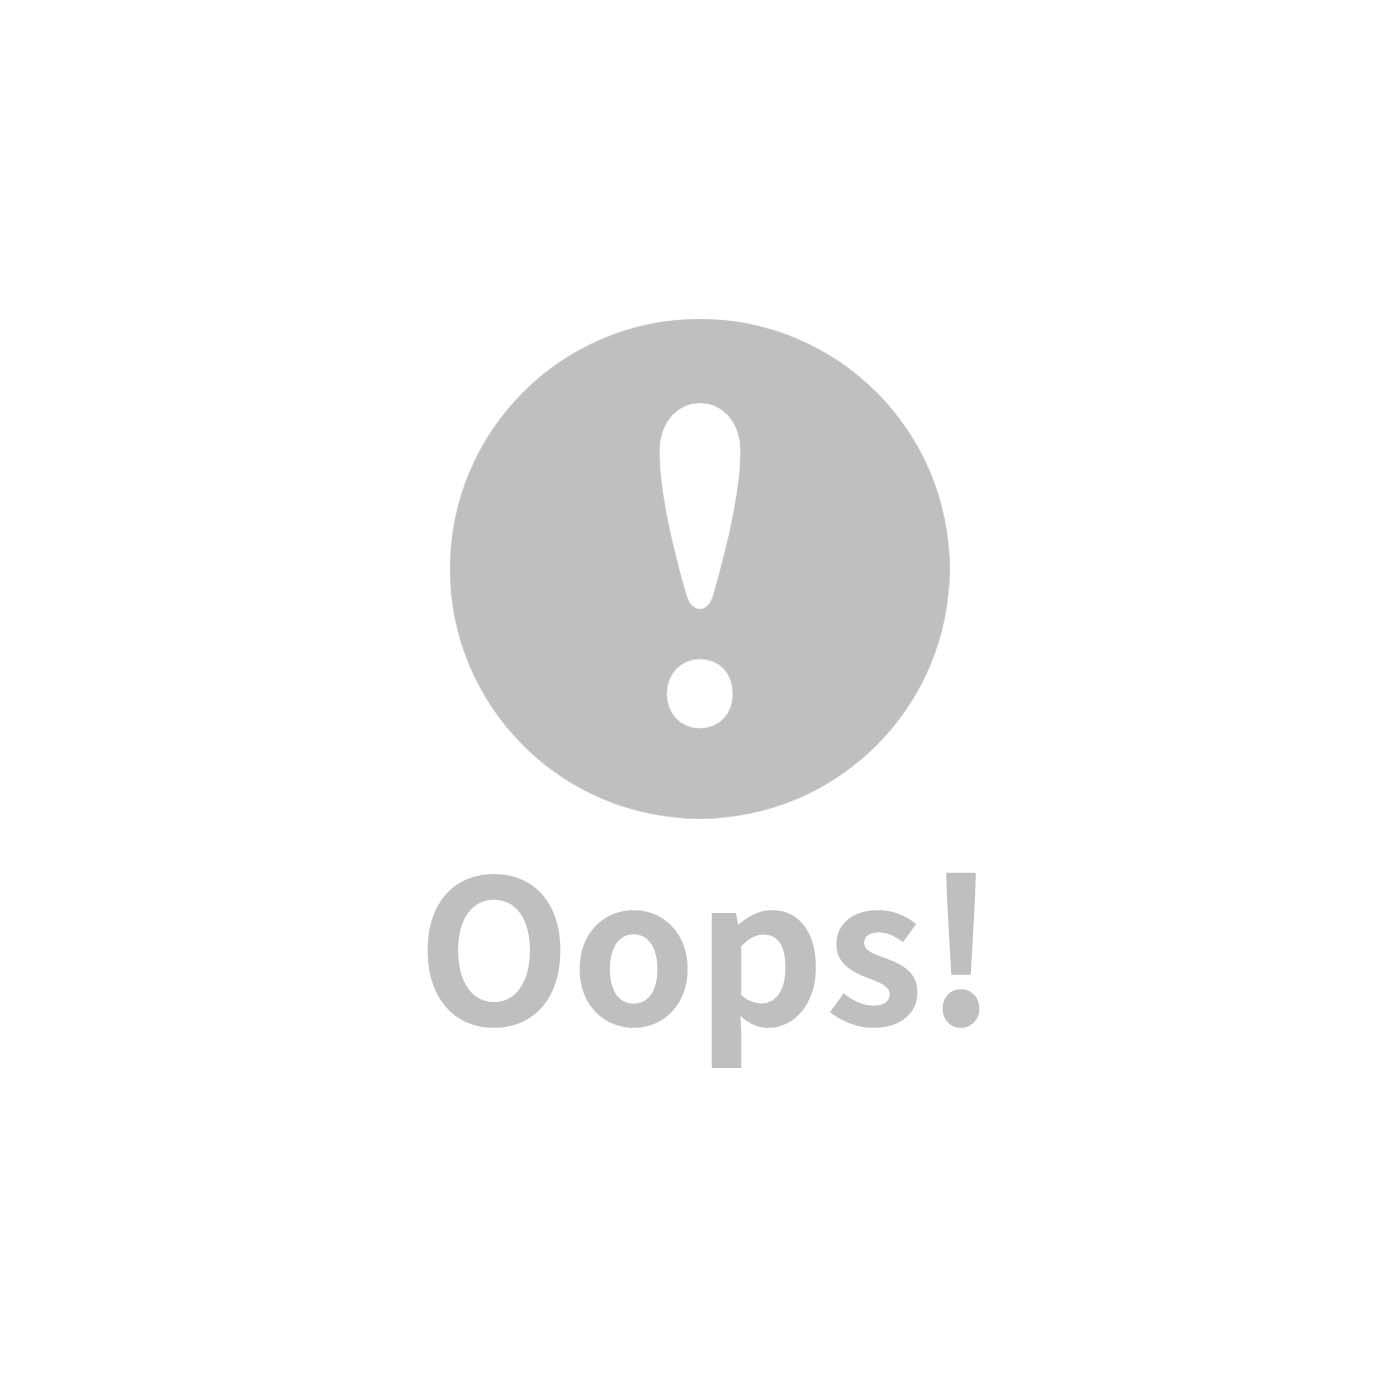 【含送禮提袋】Milo & Gabby 動物好朋友-超涼感排汗抗菌黑米枕心+枕套送禮組(7款可選)